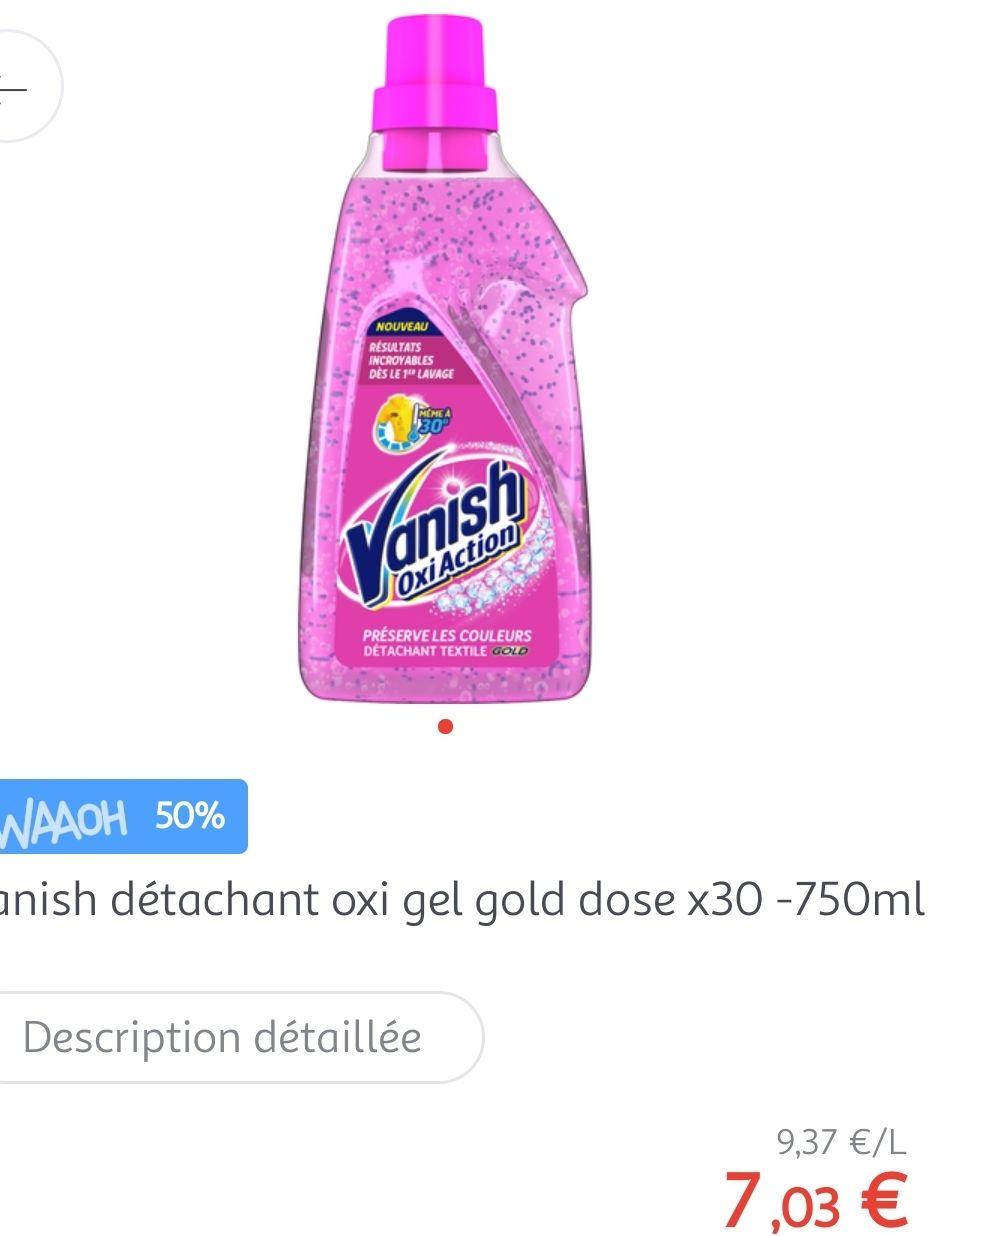 Détachant Vanish gel gold 750mL (via 3.52€ fidélité) - Auchan Roncq (59)